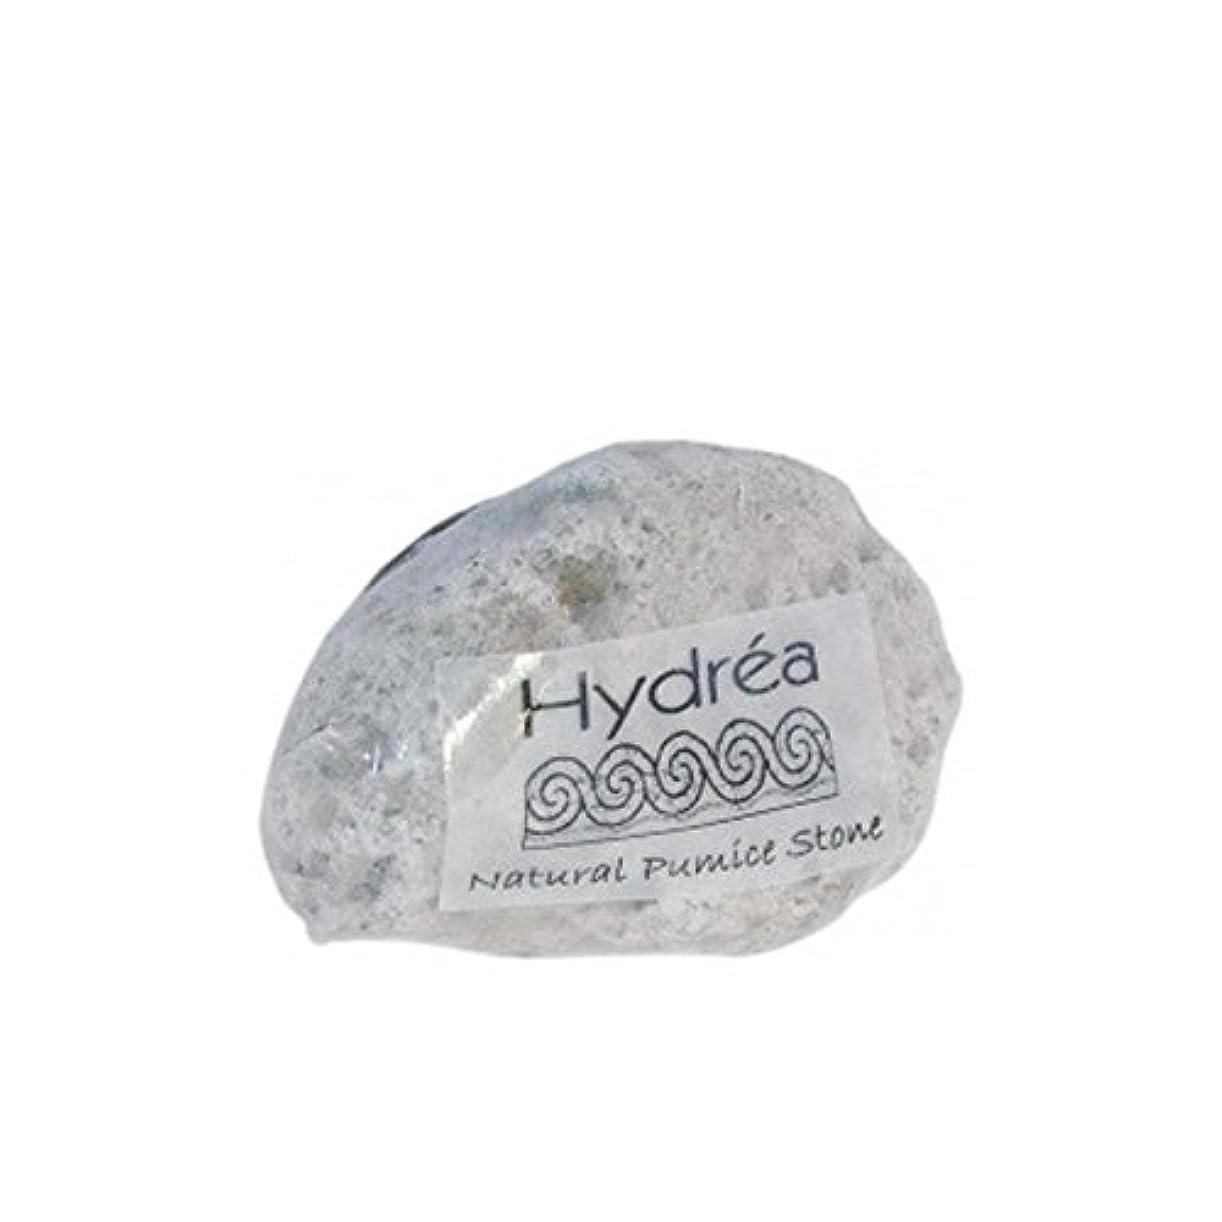 忌避剤修士号墓地ハイドレアロンドン - 自然軽石 x2 - Hydrea London - Natural Pumice Stone (Pack of 2) [並行輸入品]